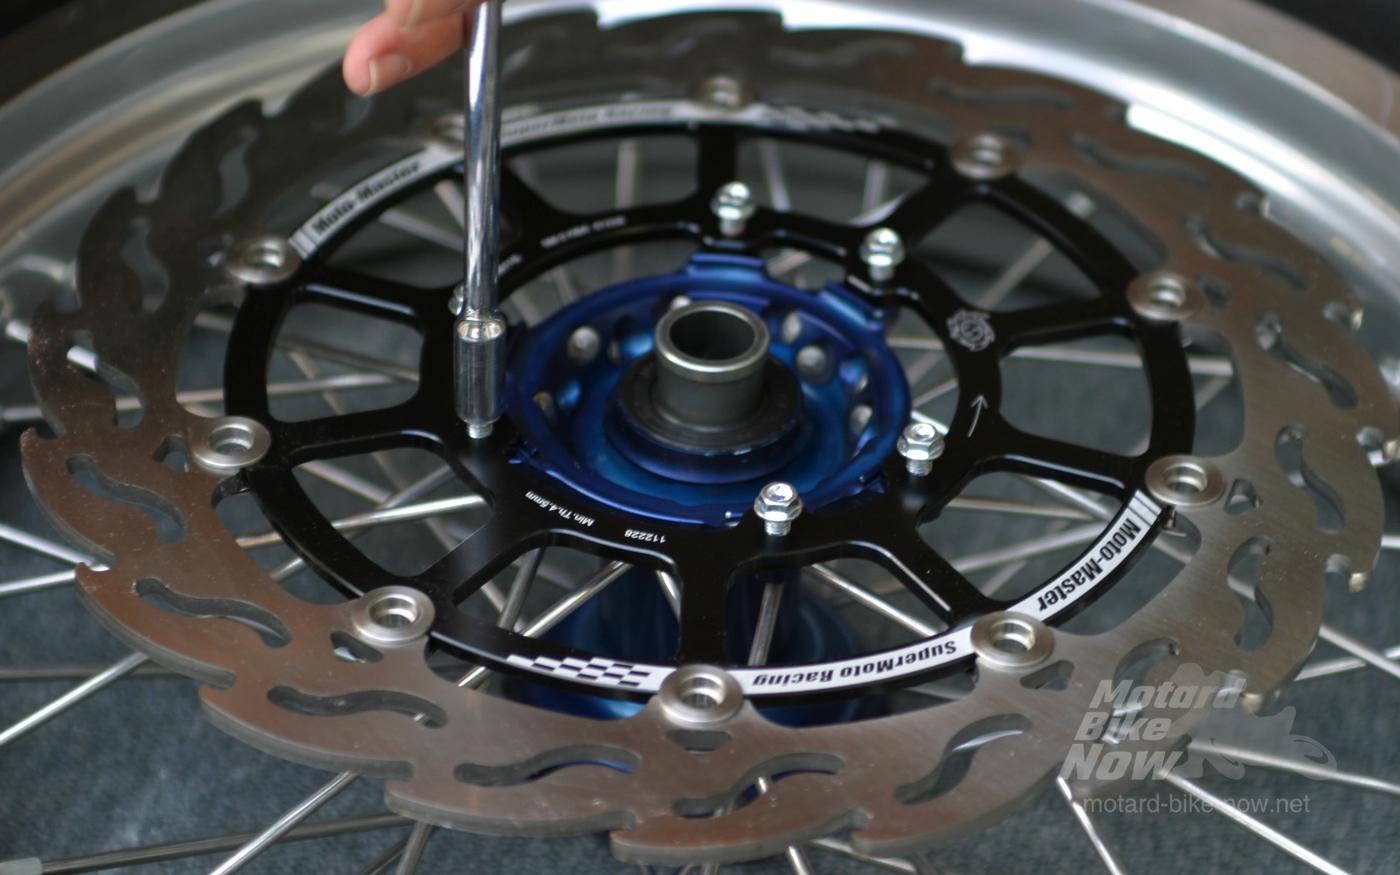 HAAN スーパーモトホイールと Moto-Master スーパーモトレーシング320mmディスク